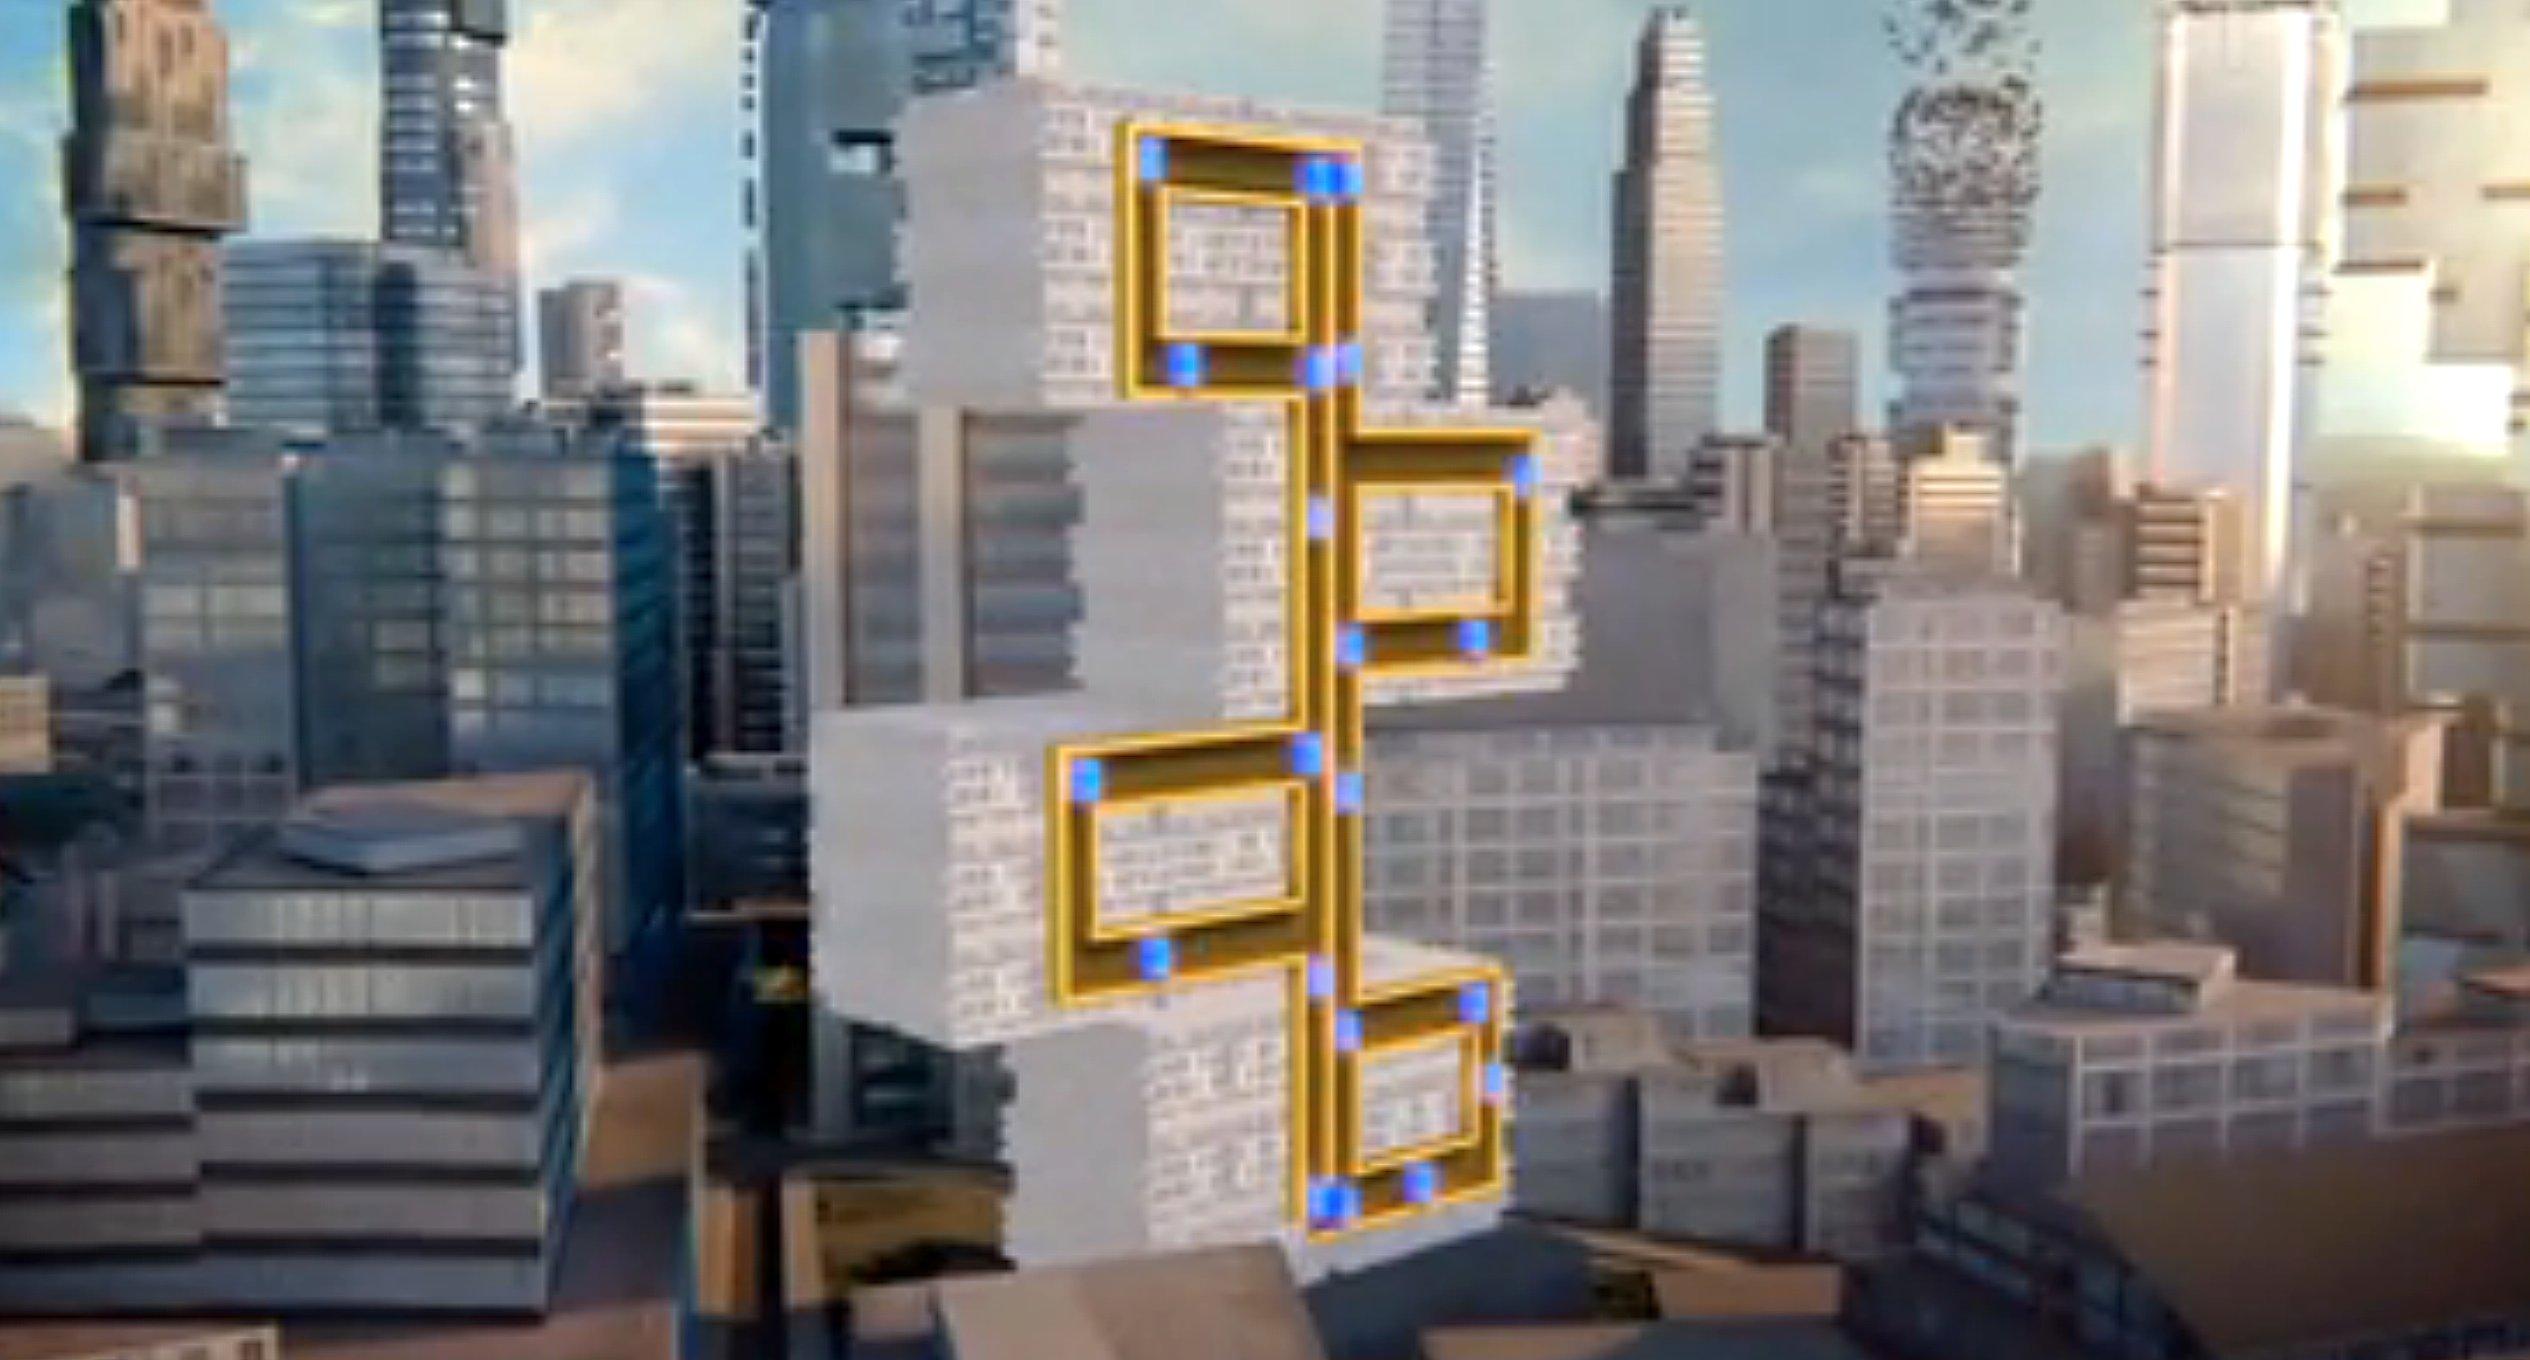 Das neuartige Aufzugssystem kann auch entlegene Teile in einem Hochhaus erschließen, weil es auch waagerecht fahren kann.